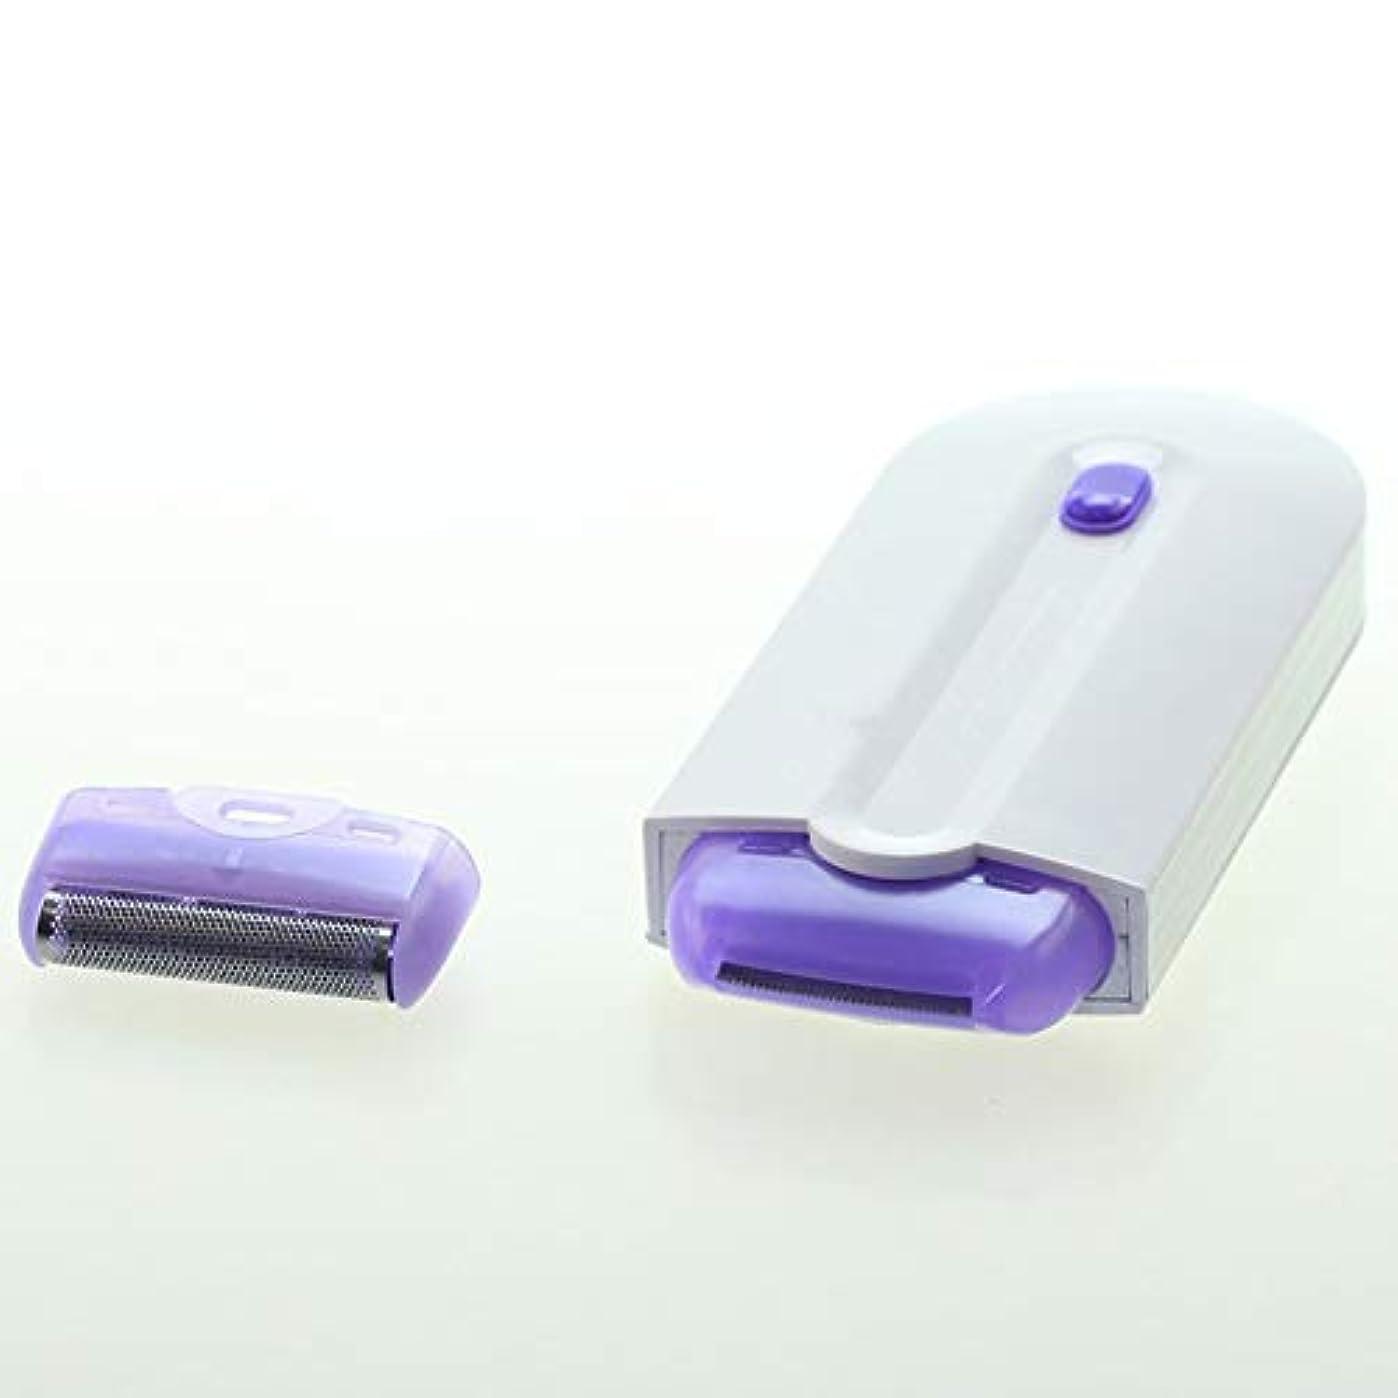 リットル修士号自分のために女性のための顔の脱毛、ビルトインLEDライトで防水の痛みのない完璧な脱毛剤(青)